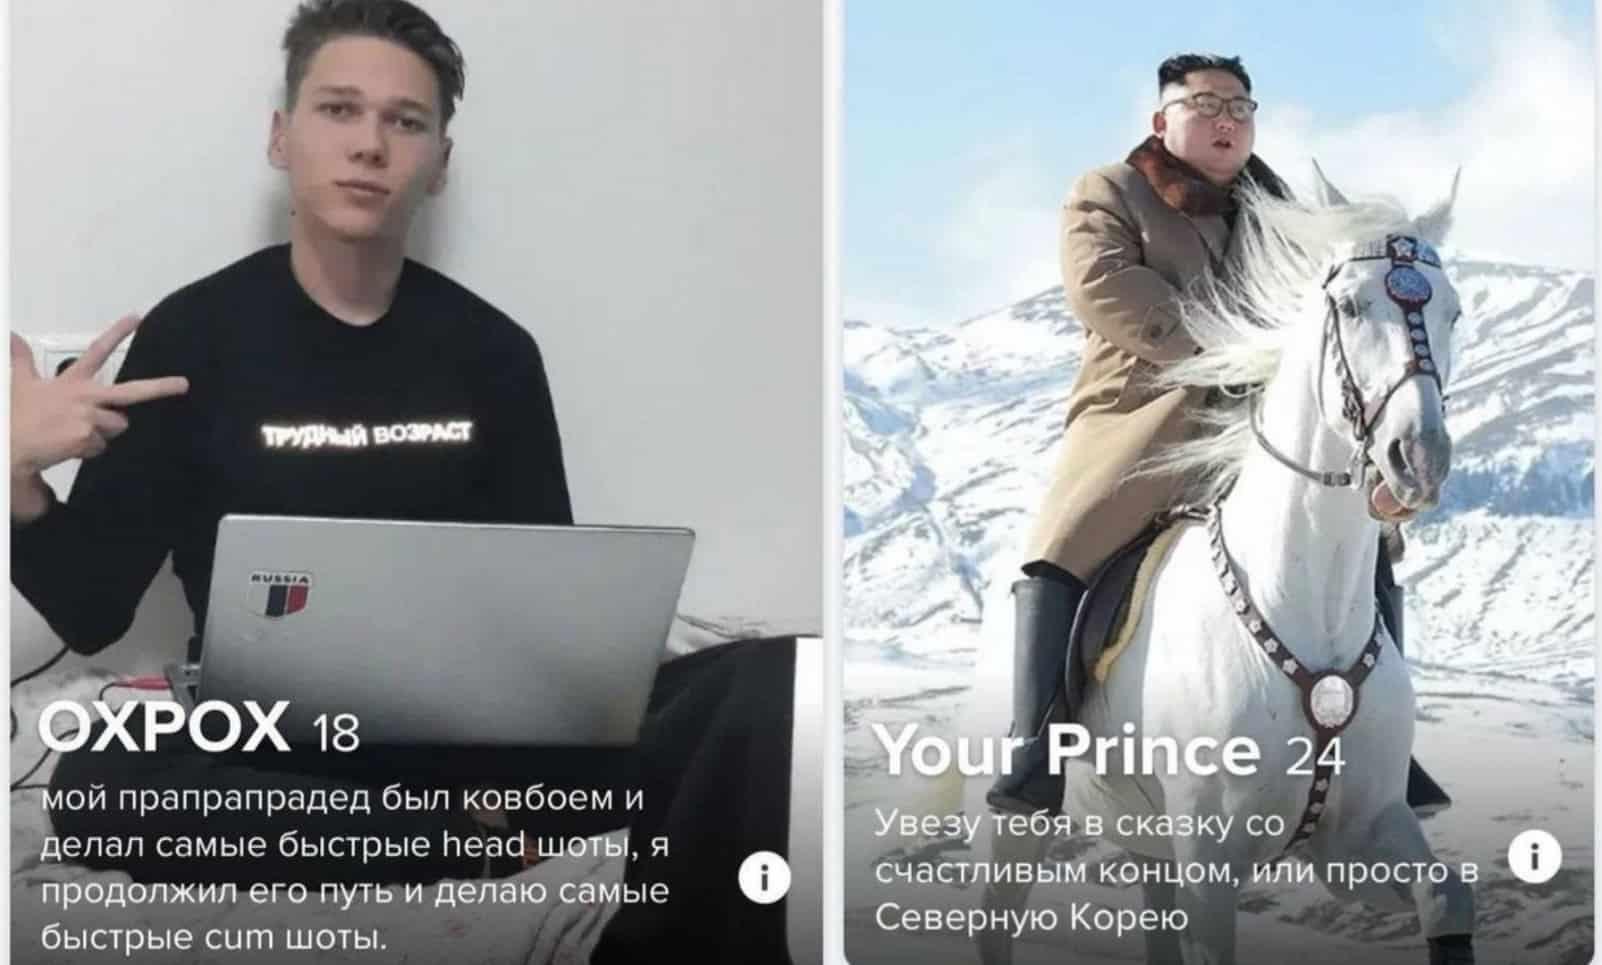 Увезу тебя в Северную Корею - анкеты мужчин, желающих познакомиться поближе